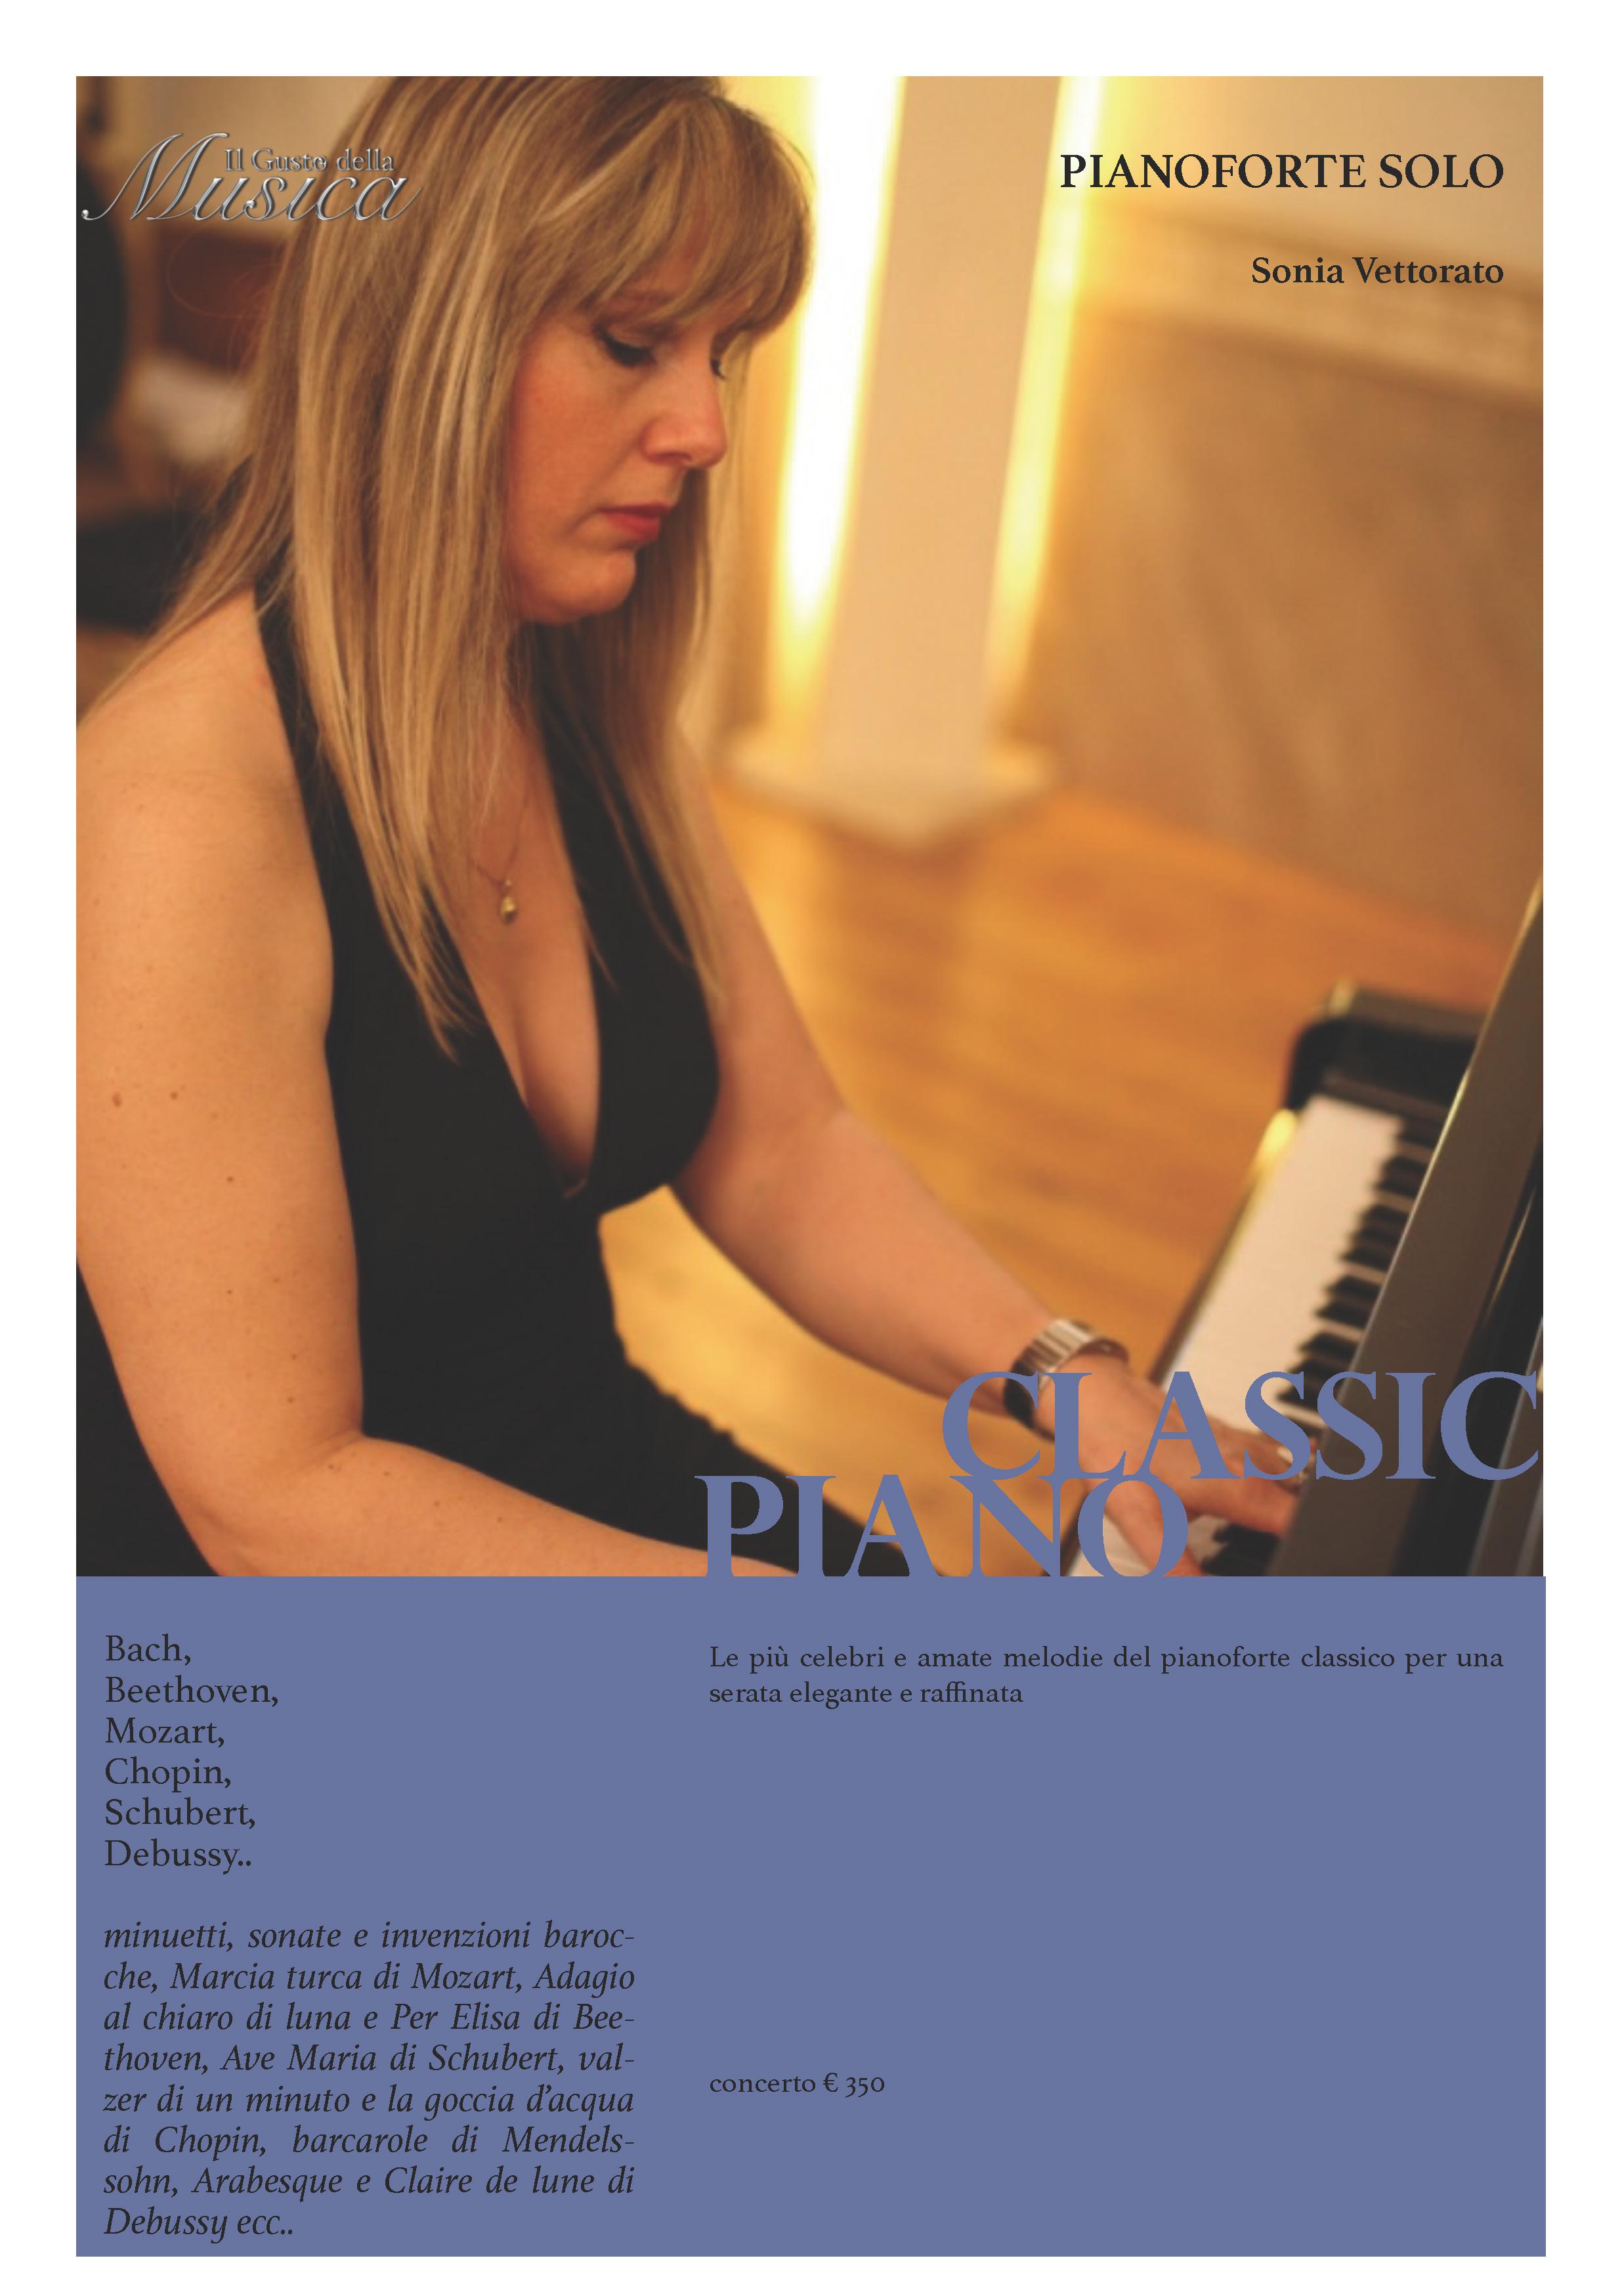 09. Classic piano concerto